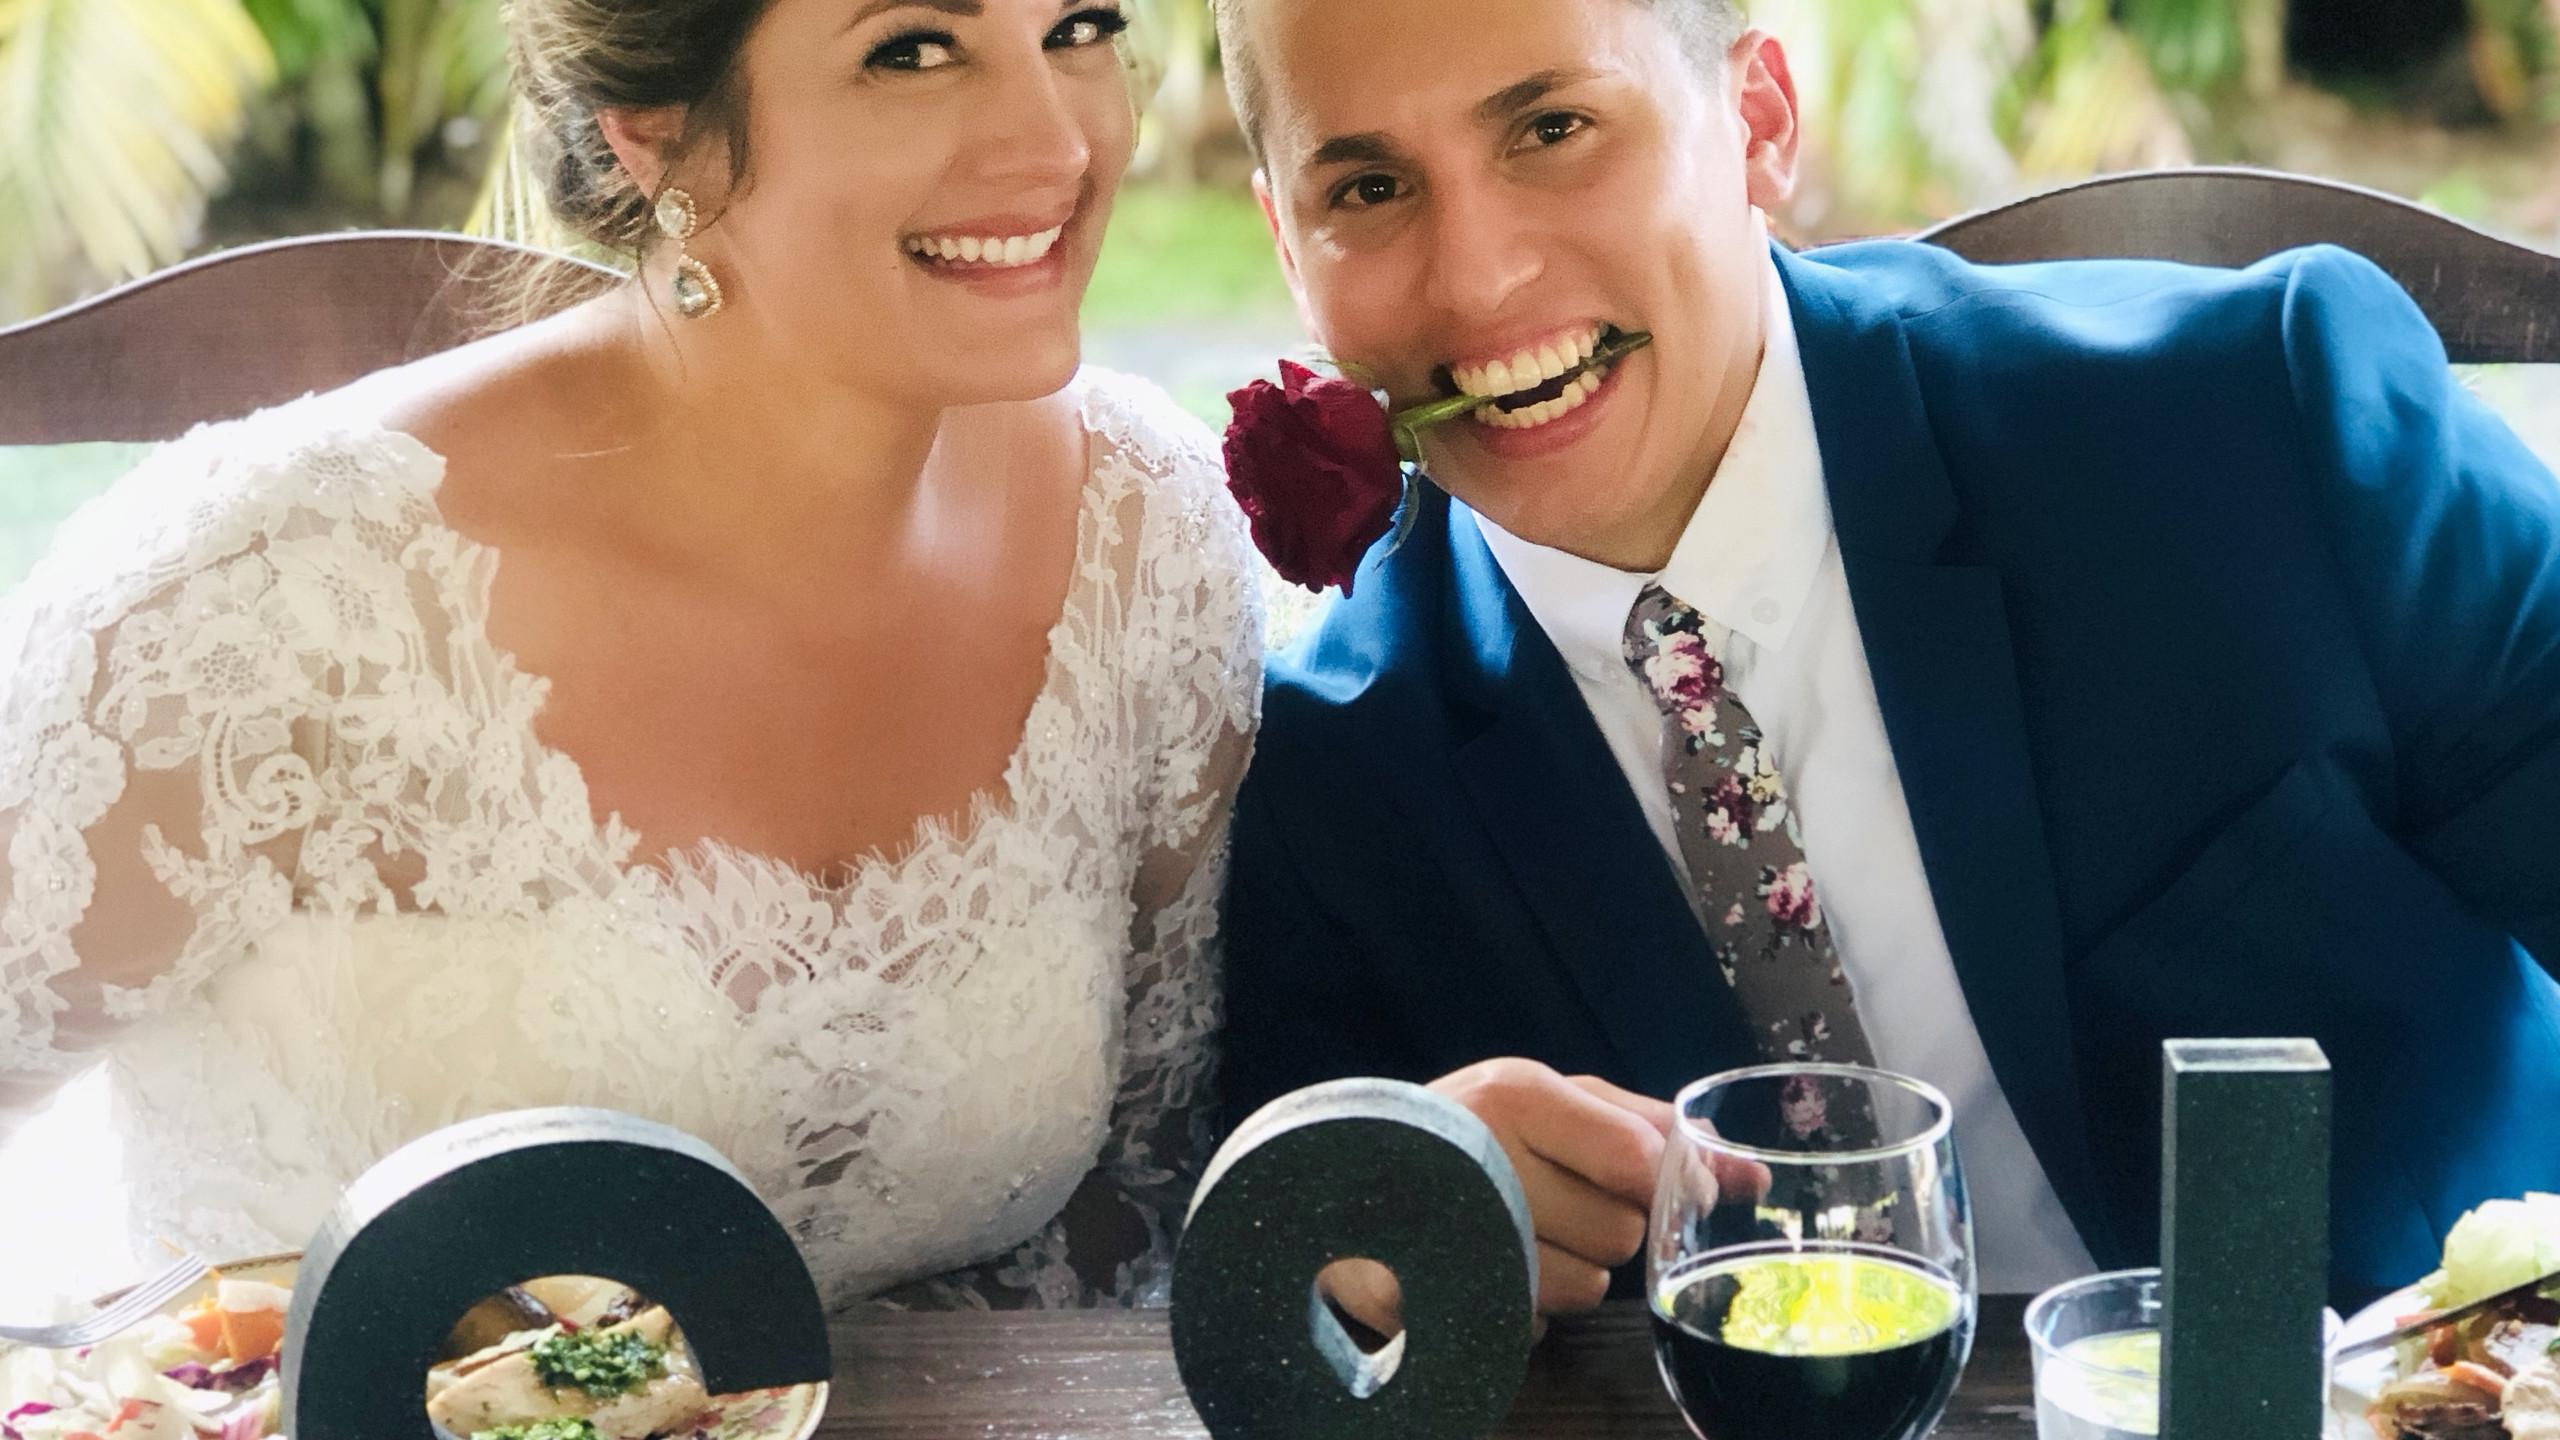 Happy couple enjoying their wedding dinner by Yummy Chori.